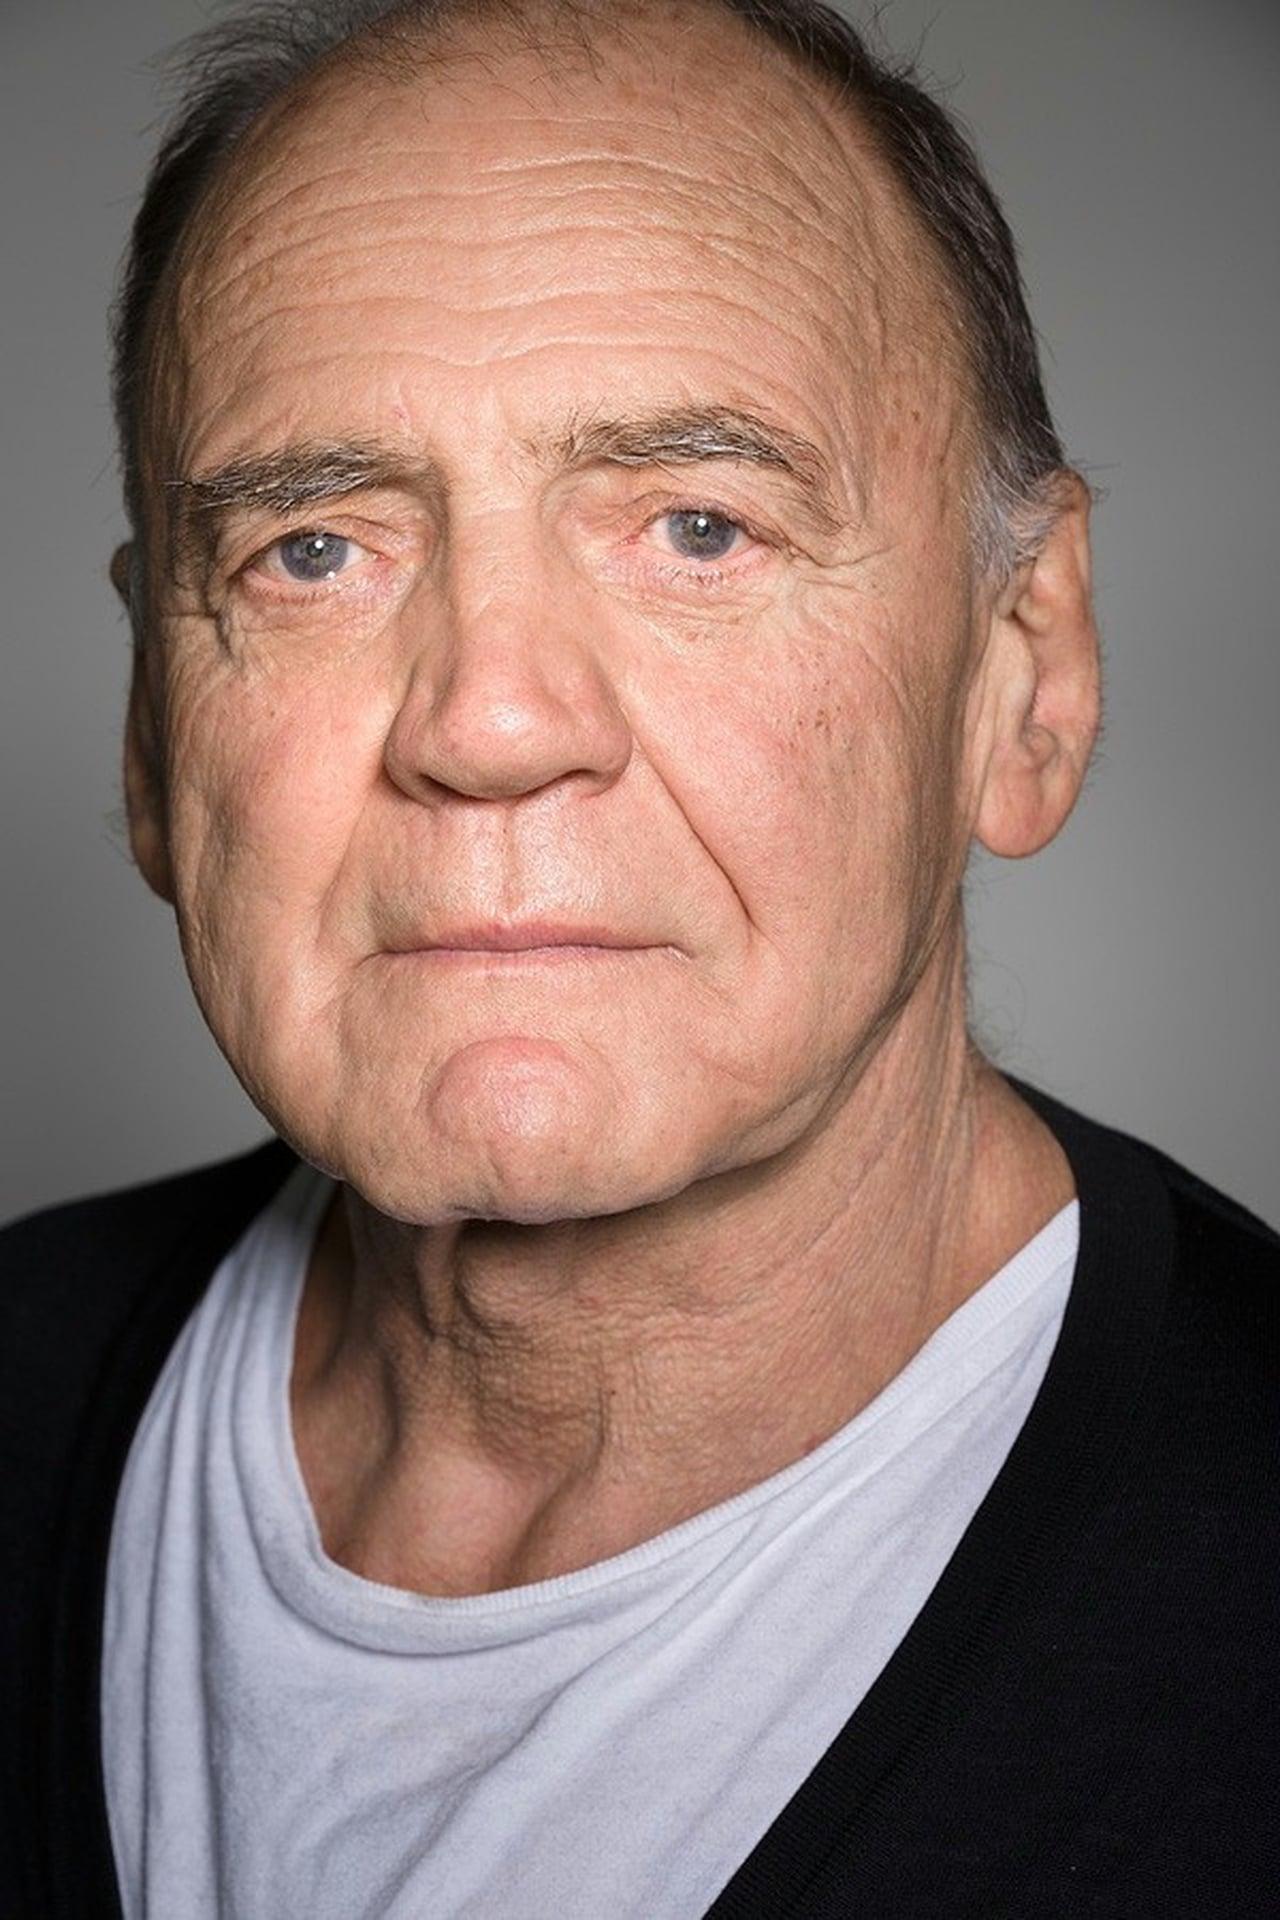 Leben Bruno Ganz wuchs in ZürichSeebach als Sohn eines Schweizer Fabrikarbeiters und einer Italienerin auf Schon vor der Matura beschloss er Schauspieler zu werden